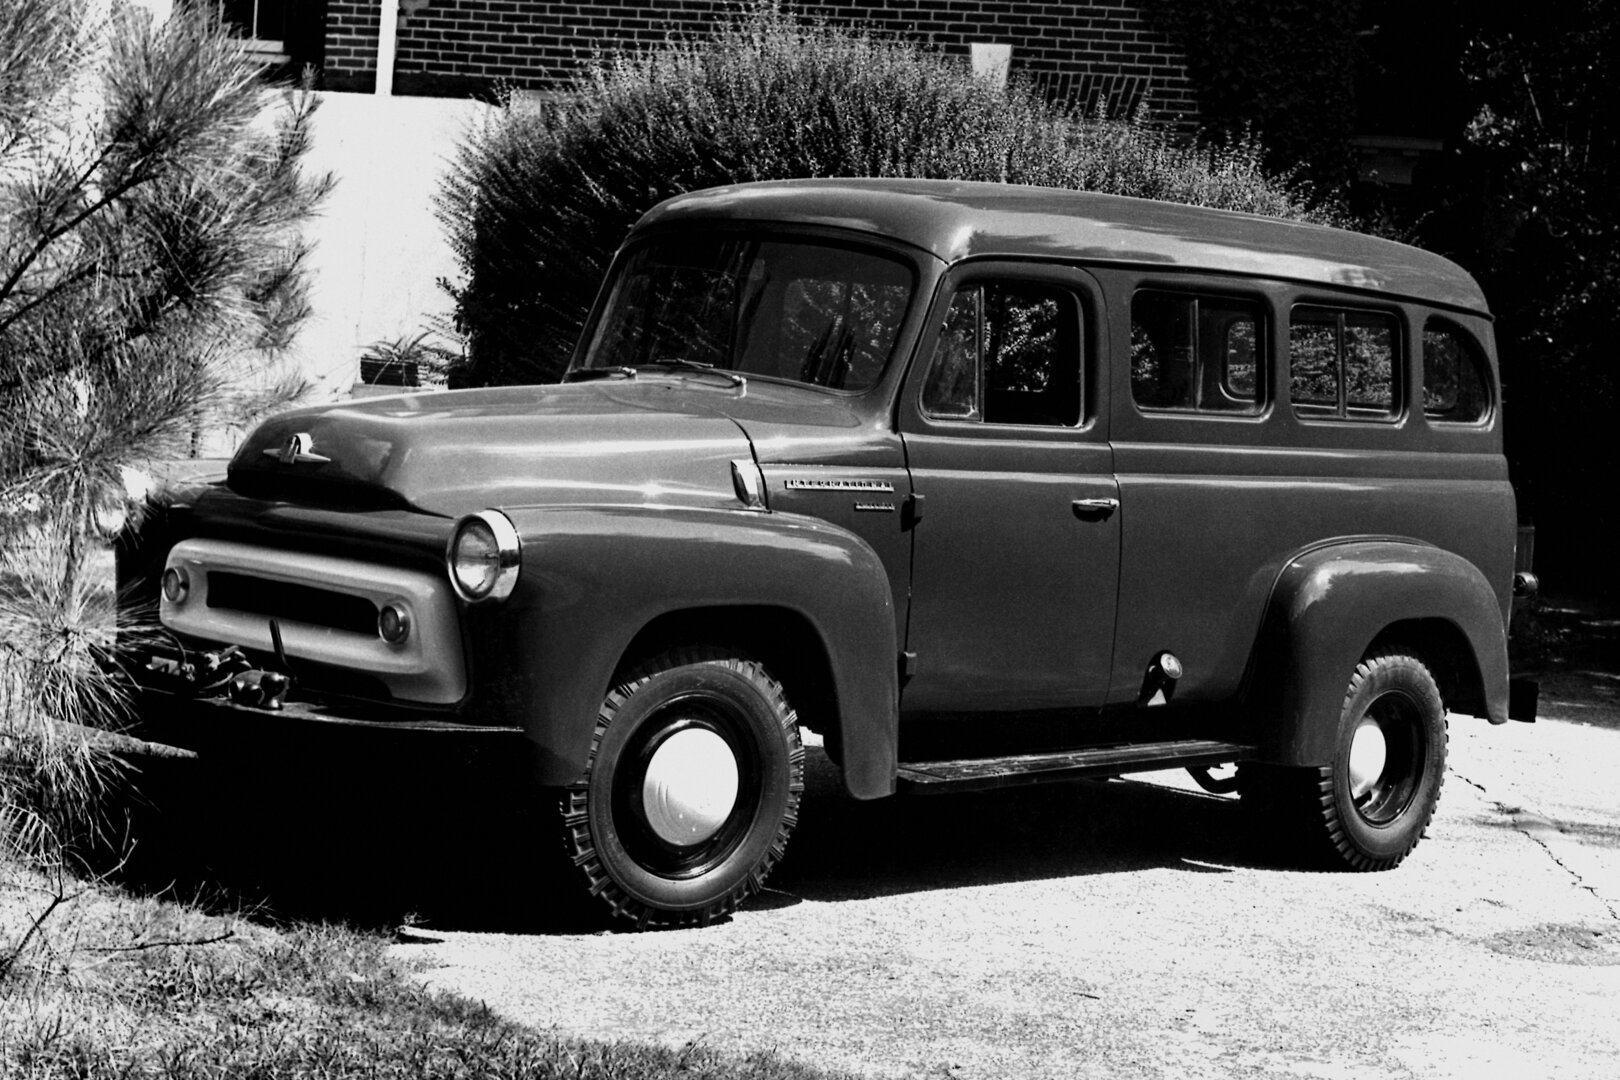 1957 International Harvester S 120 Travelall